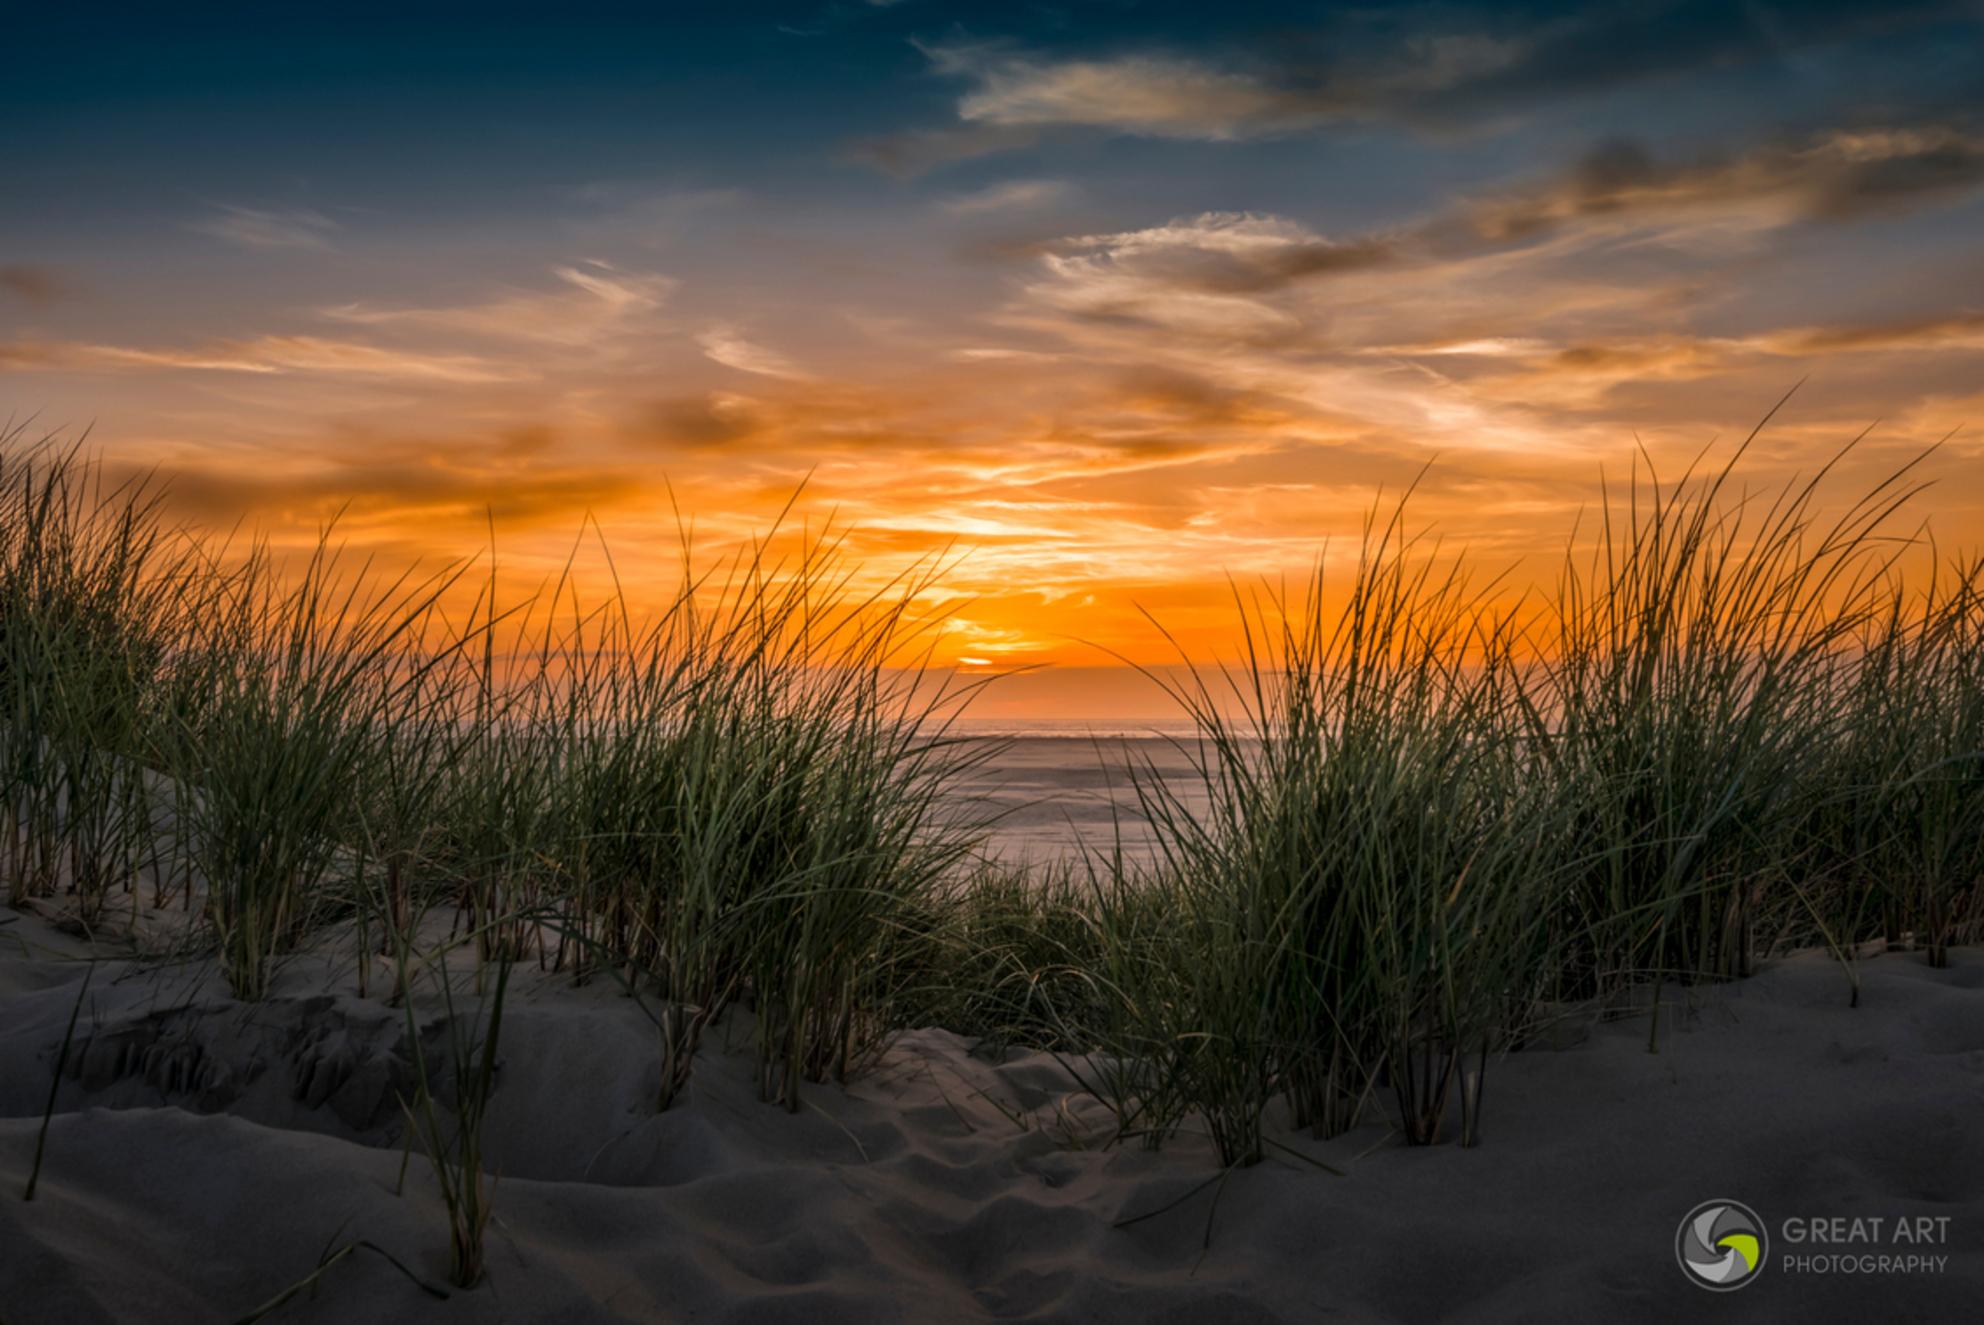 Zonsondergang Texel - Zonsondergan op Texel - foto door ggt1_zoom op 25-07-2015 - deze foto bevat: wolken, zon, strand, zee, water, vuurtoren, natuur, avond, zonsondergang, landschap, duinen, kust, lange sluitertijd - Deze foto mag gebruikt worden in een Zoom.nl publicatie